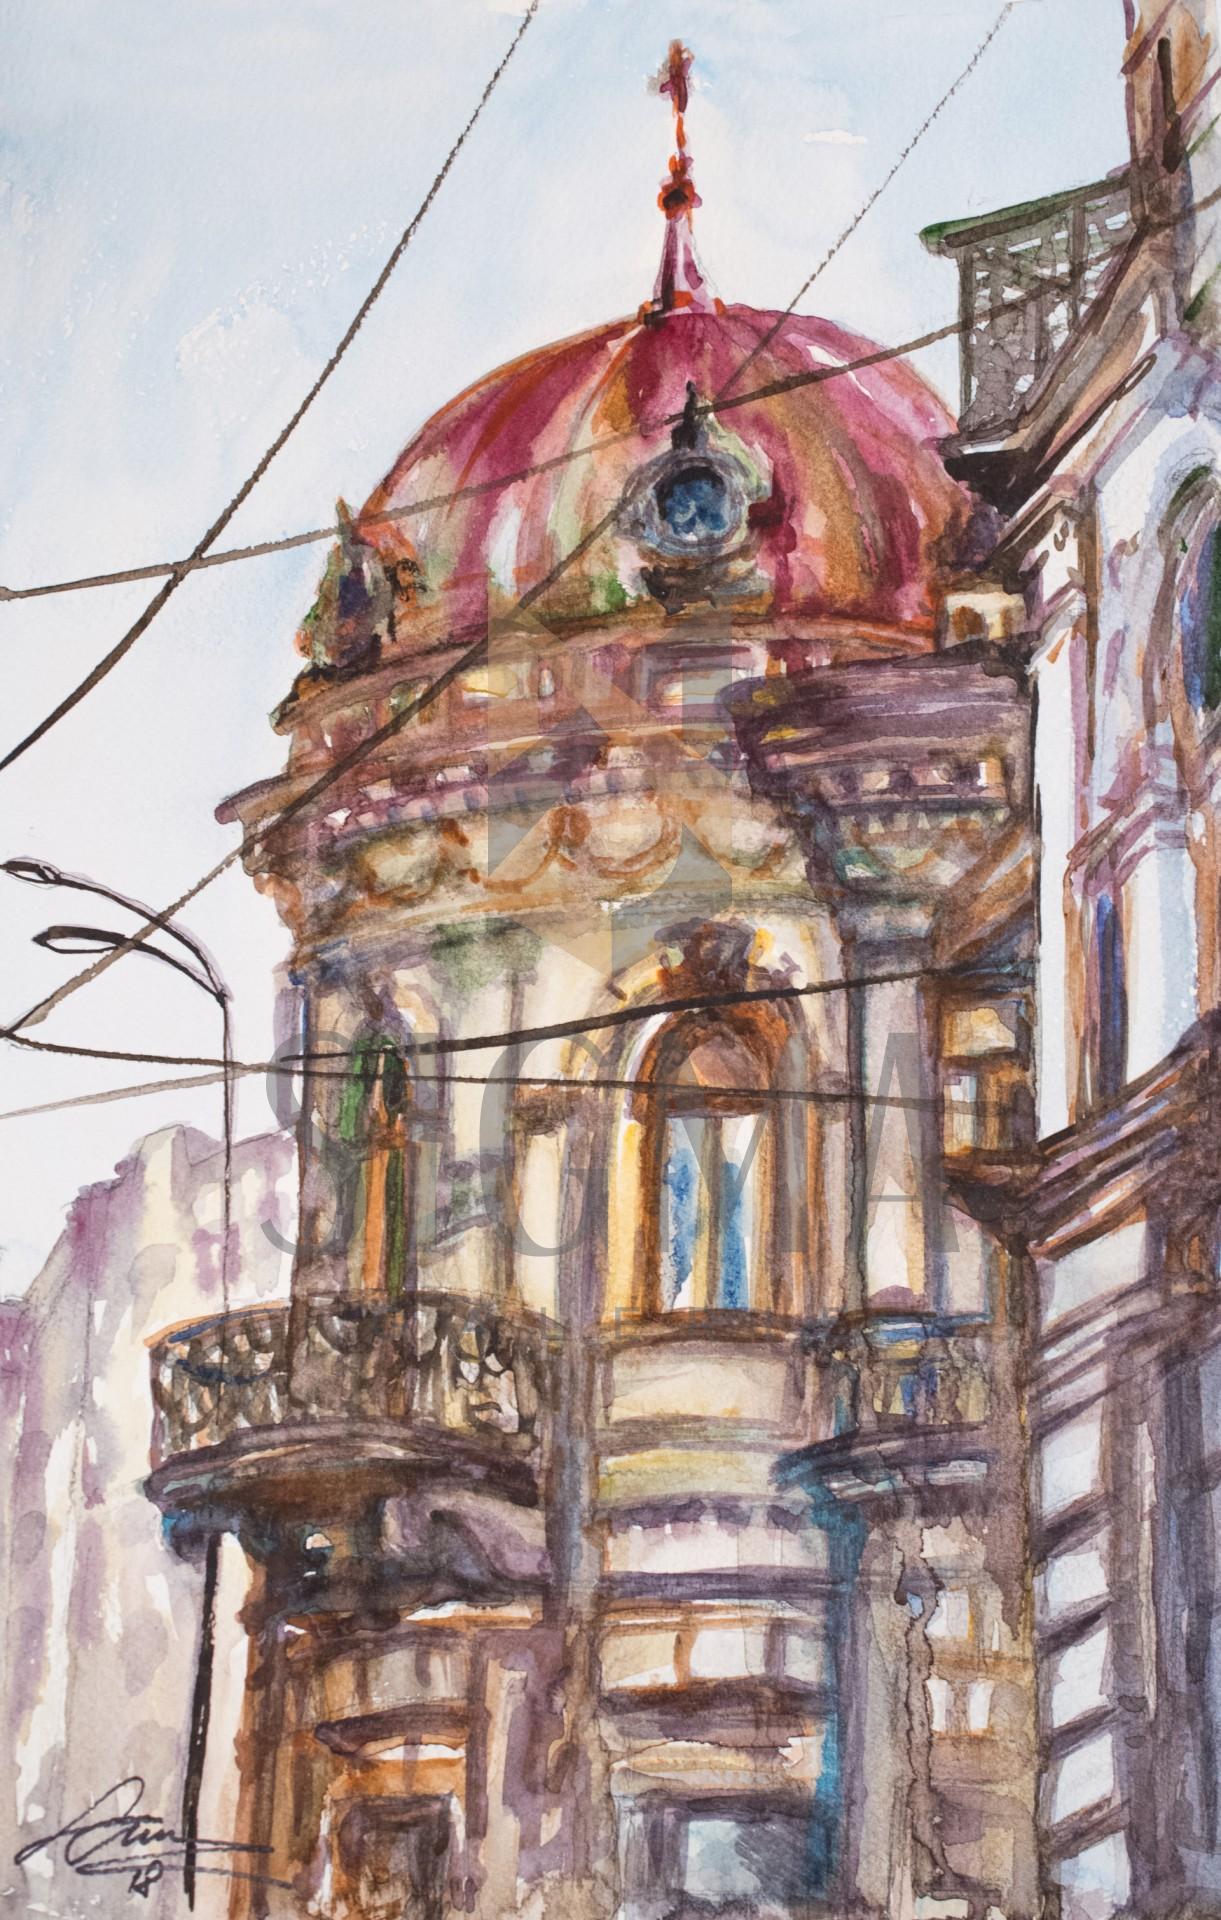 Tablou, Aurelia Luca Colombo, - Cladire veche, zona punctul 0 Bucuresti - acuarela, dim: 30x21 cm